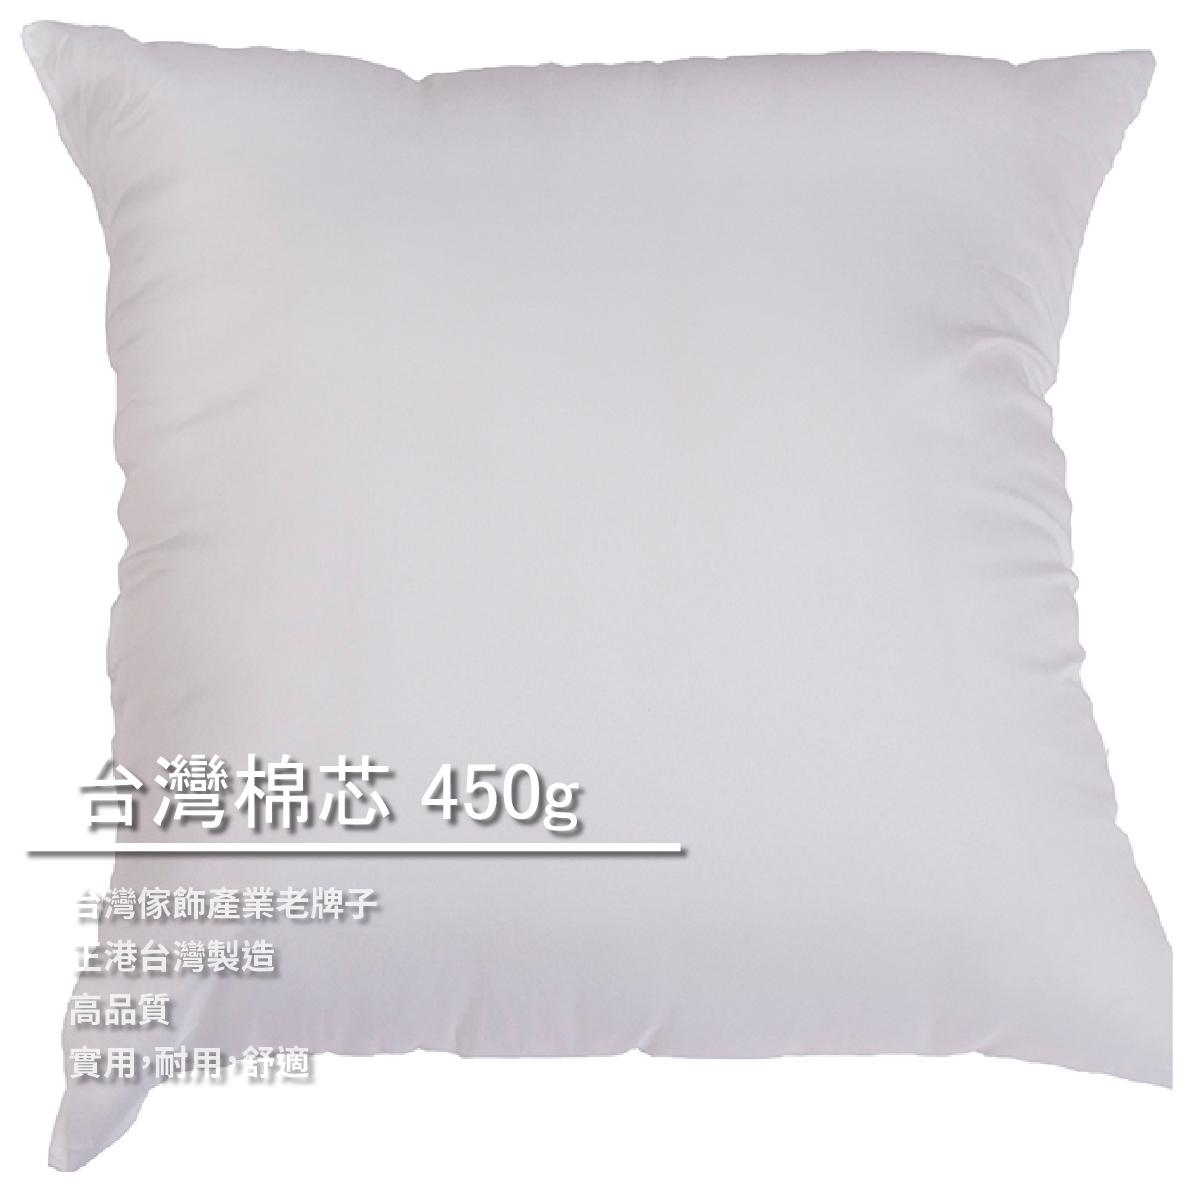 【佳門-佳棉毛巾/地墊/家用傢飾】台灣棉芯/450g